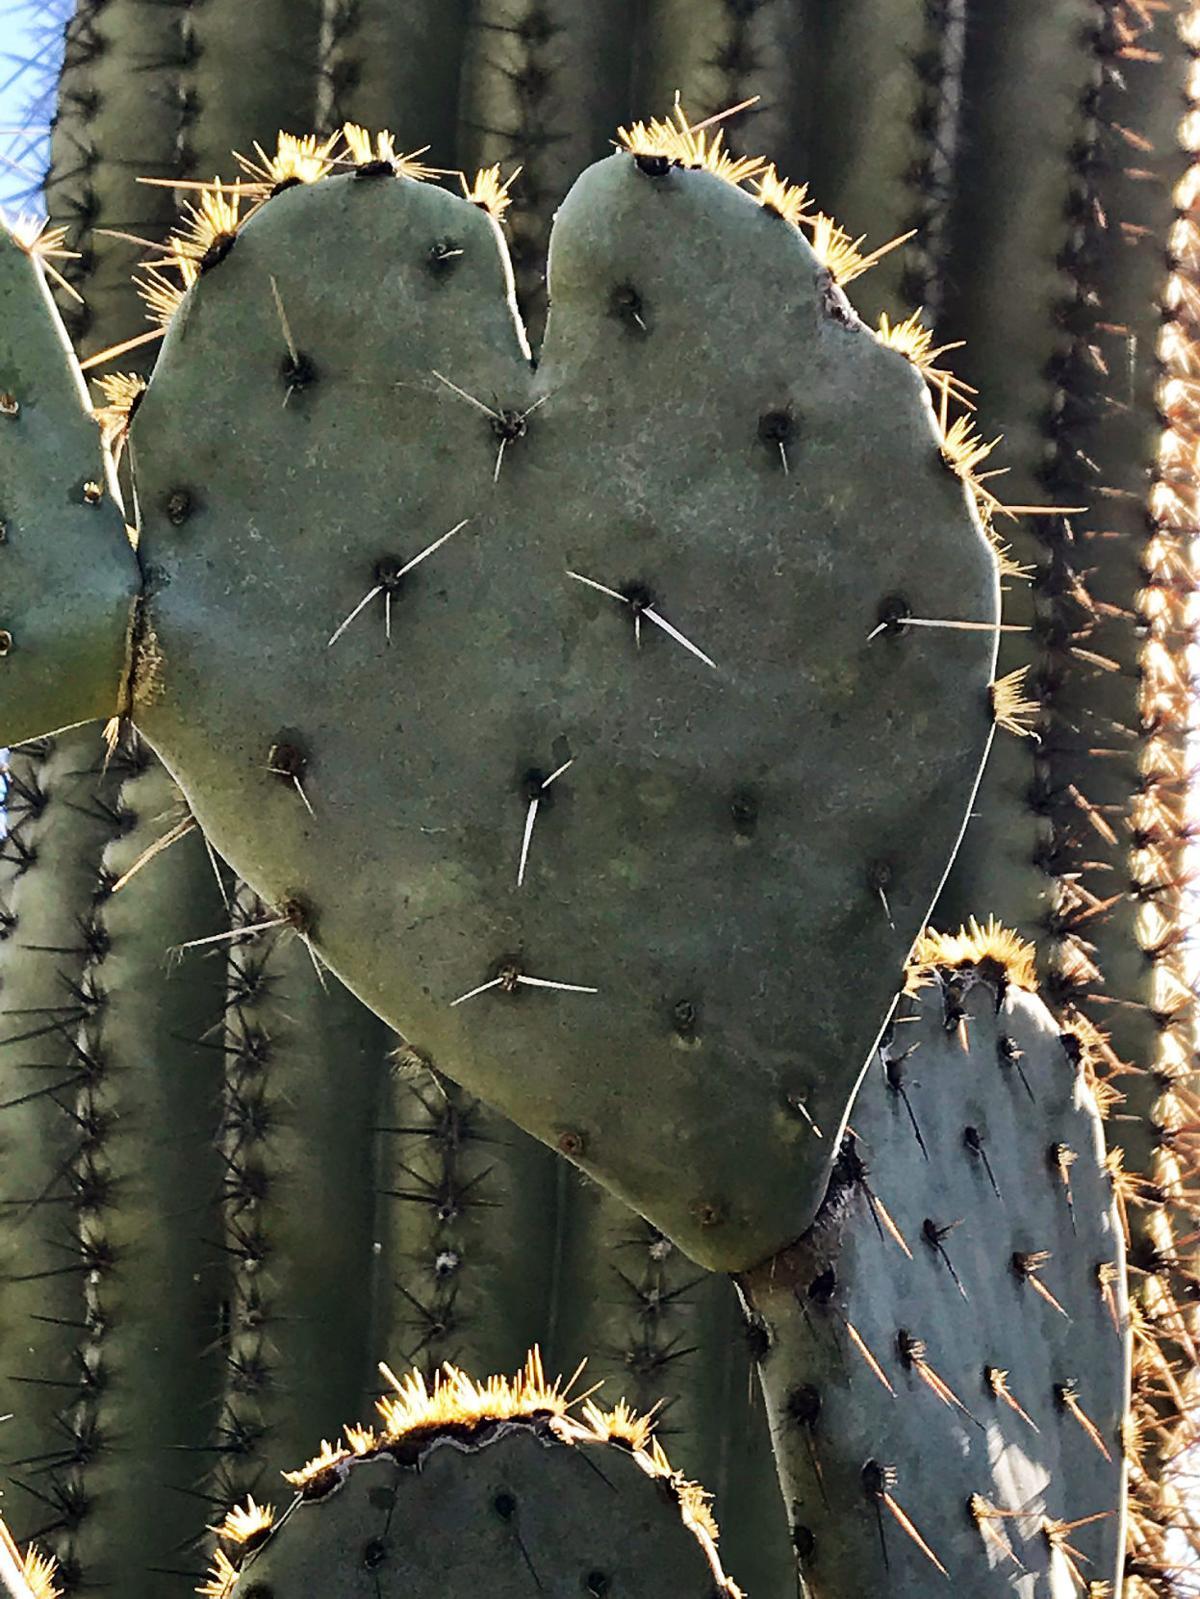 Cactus love at Sabino Canyon